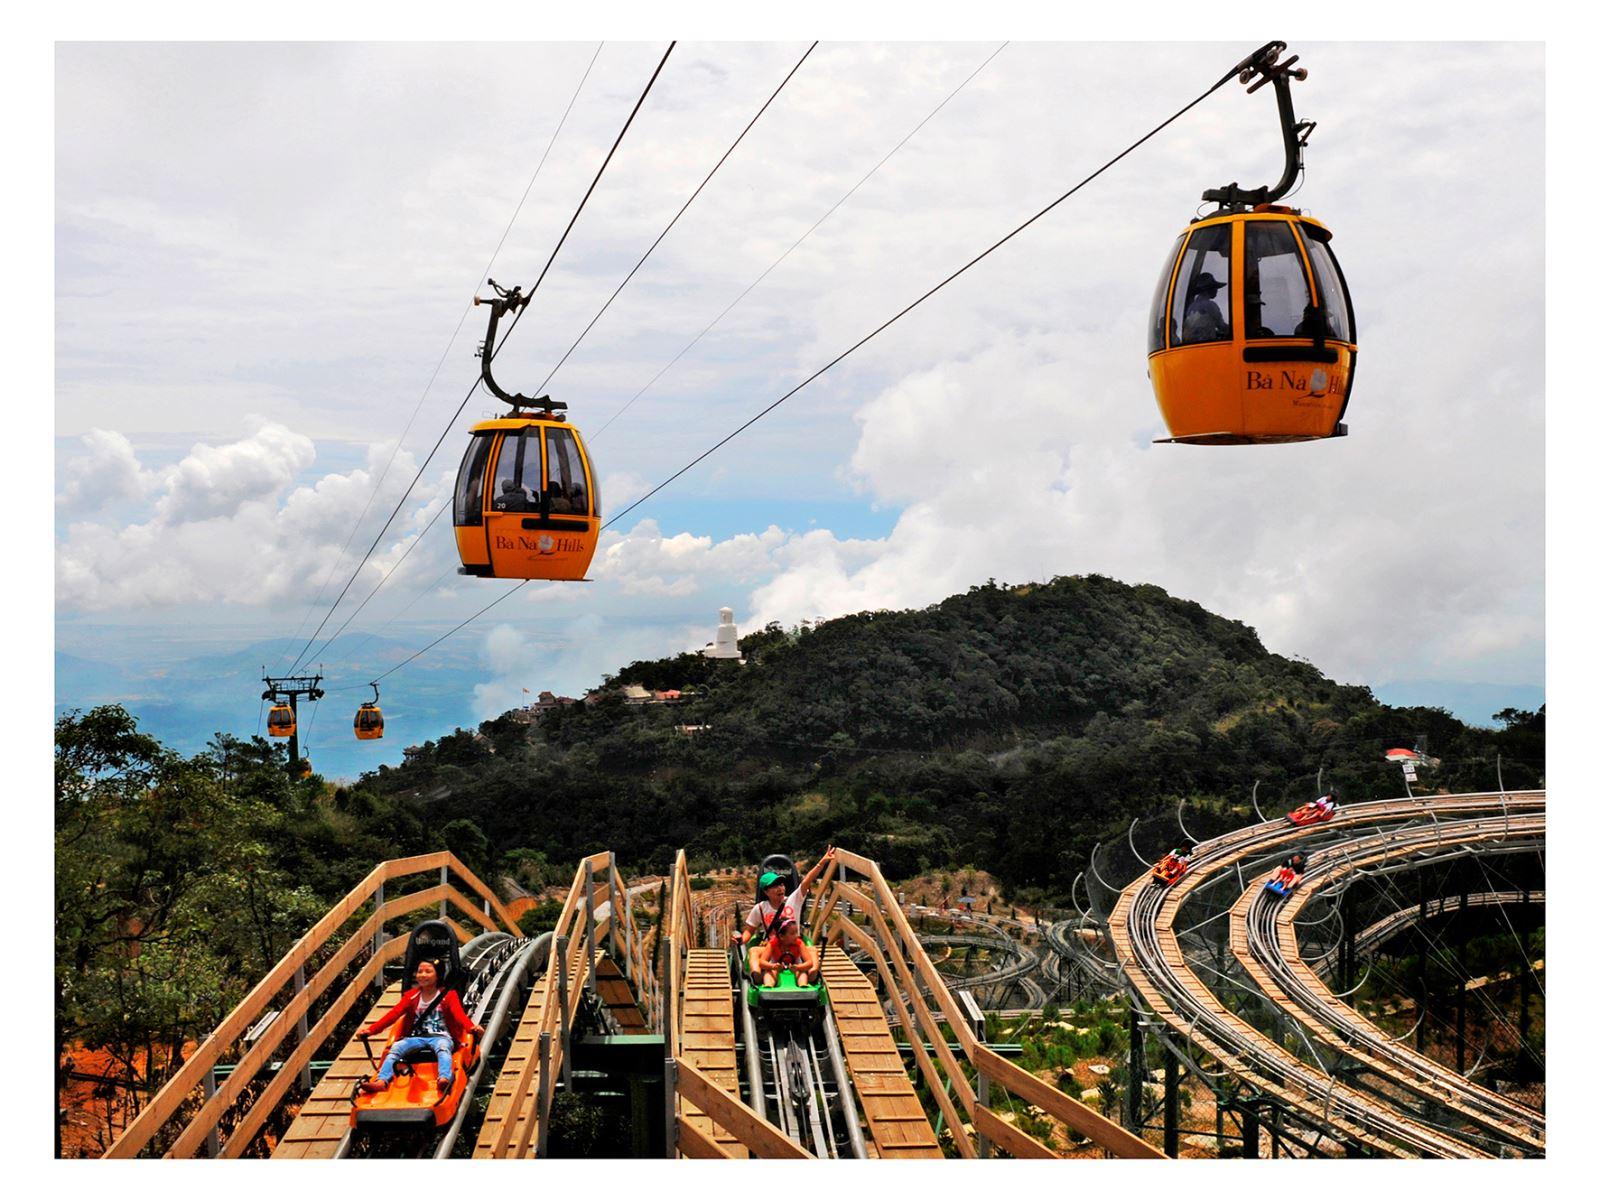 Du lịch Bà Nà Hill tại Đà Nẵng